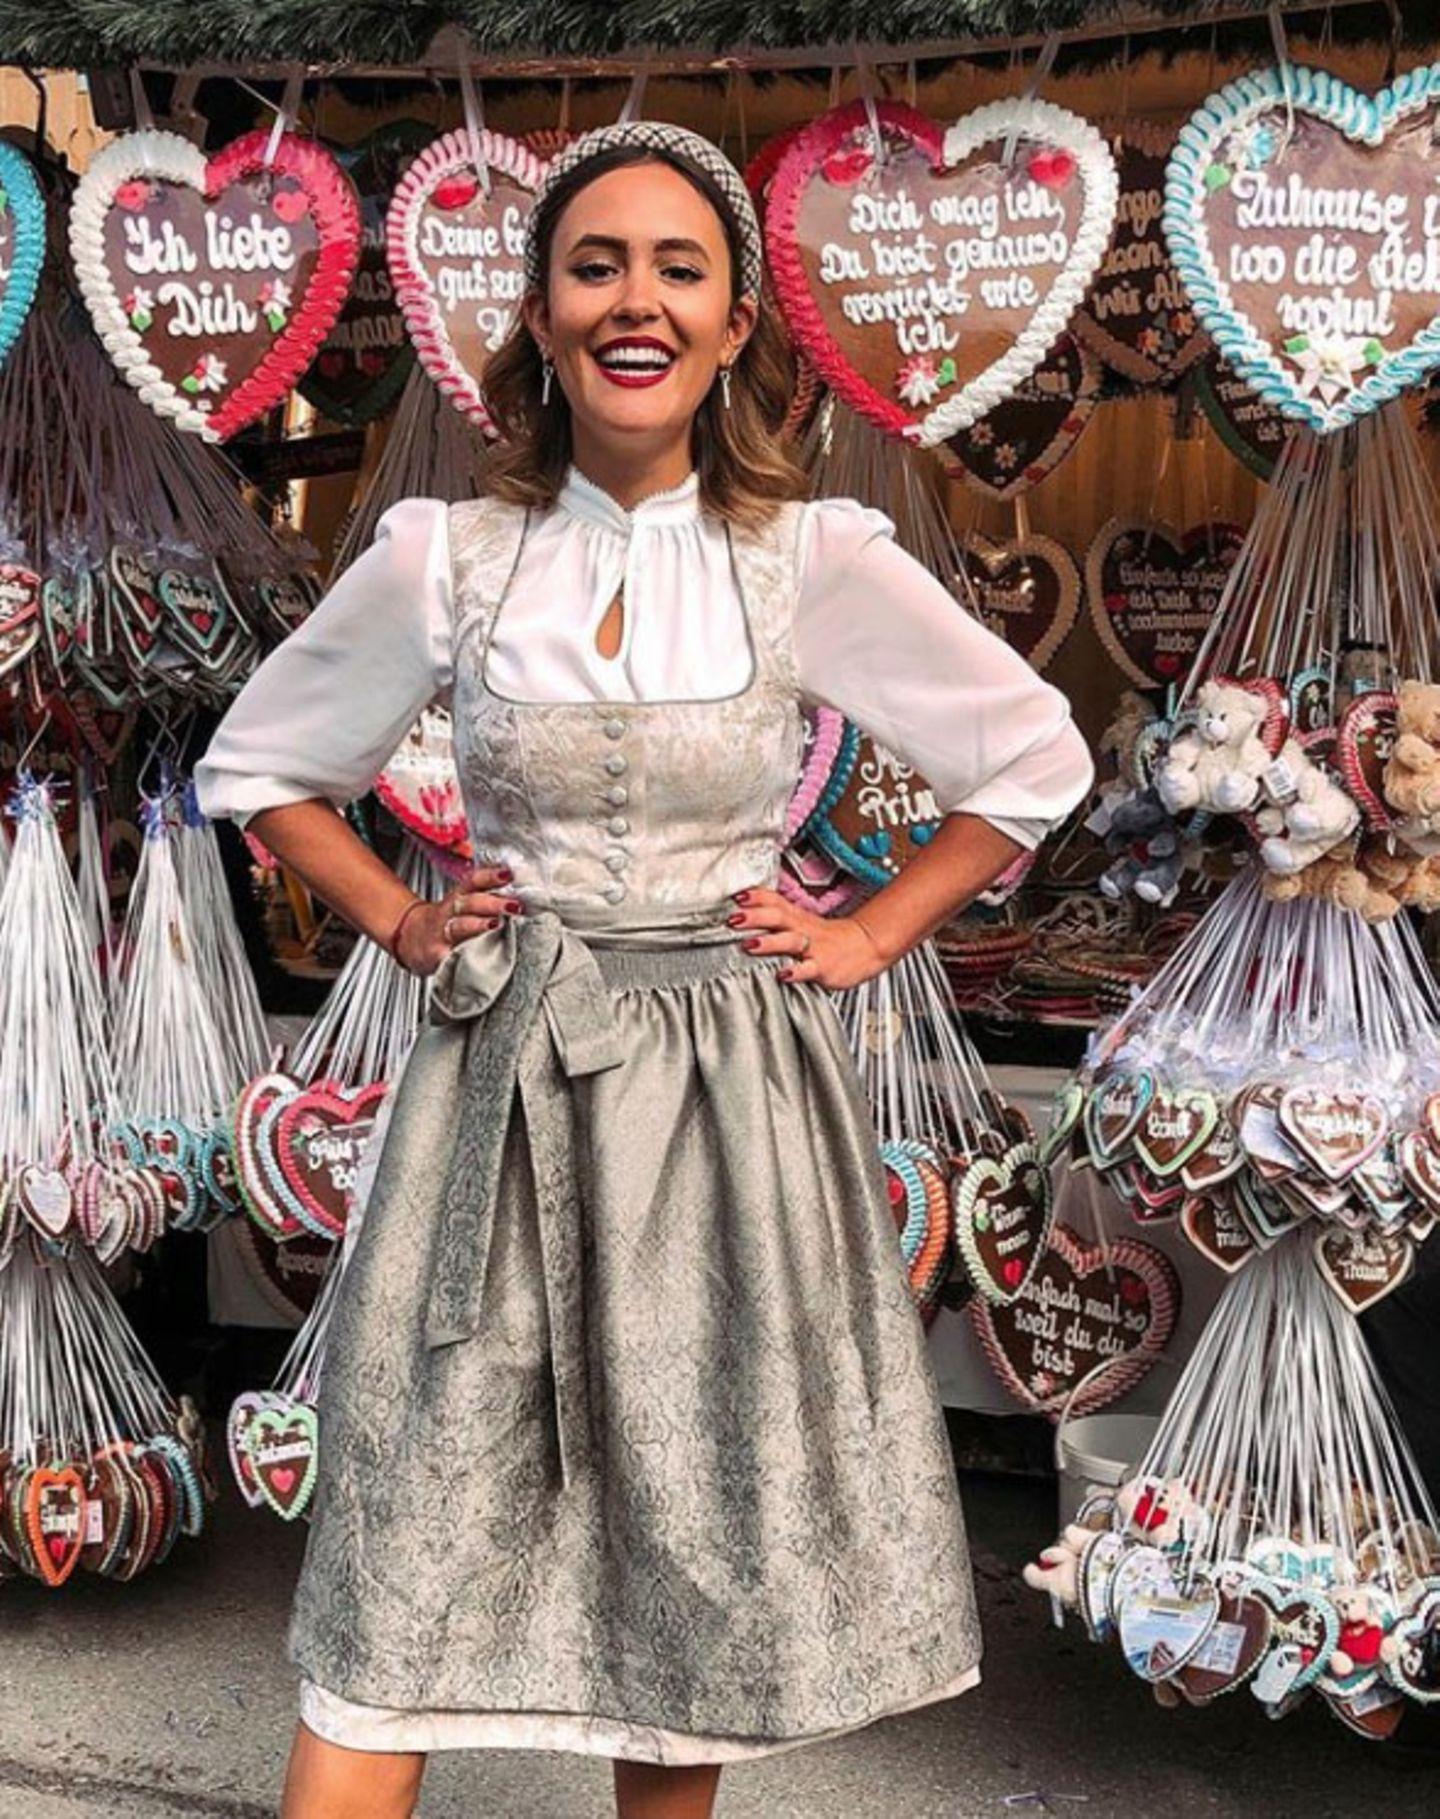 Oktoberfest 2019: I mog di! Zwischen Lebkuchenherzen und Teddybären strahlt  Bloggerin Laura Noltemeyer im feschen Dirndl.